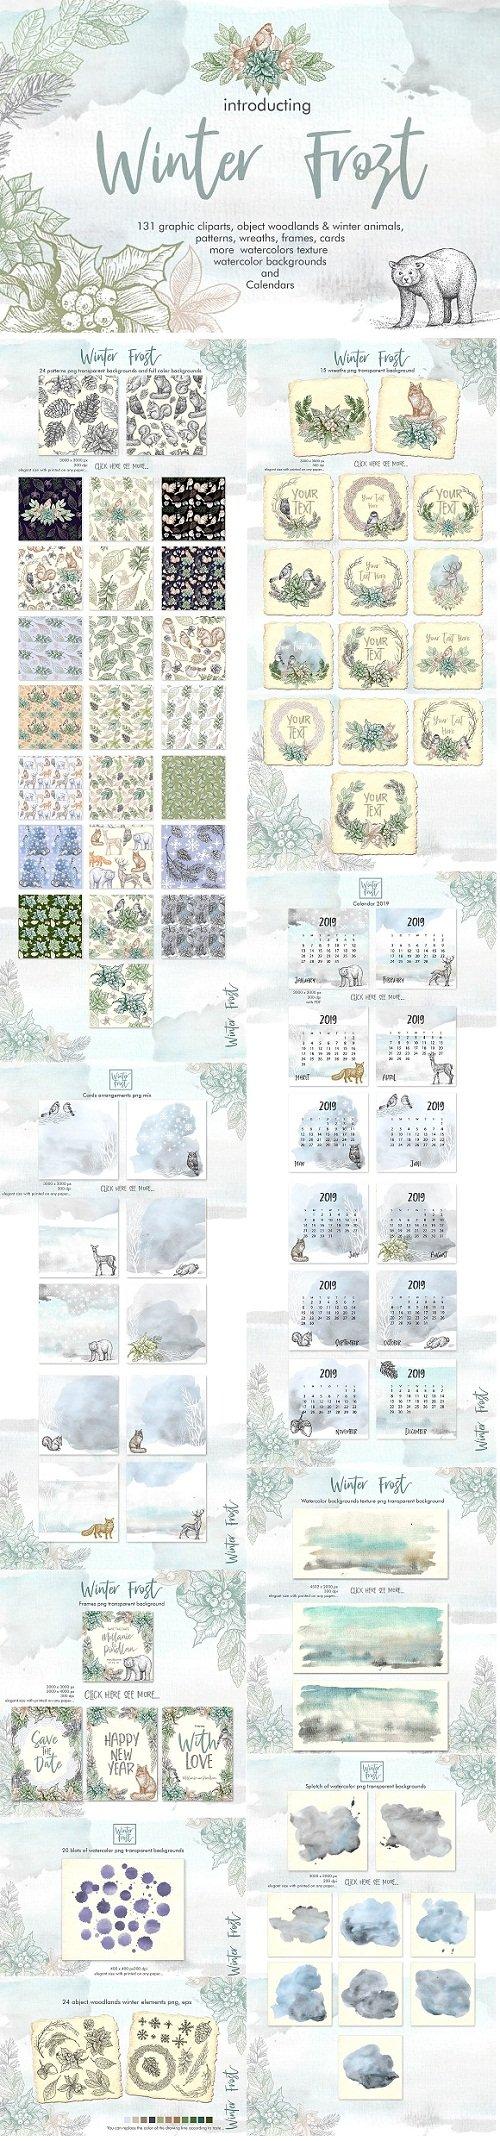 Winter Frost - 3307387